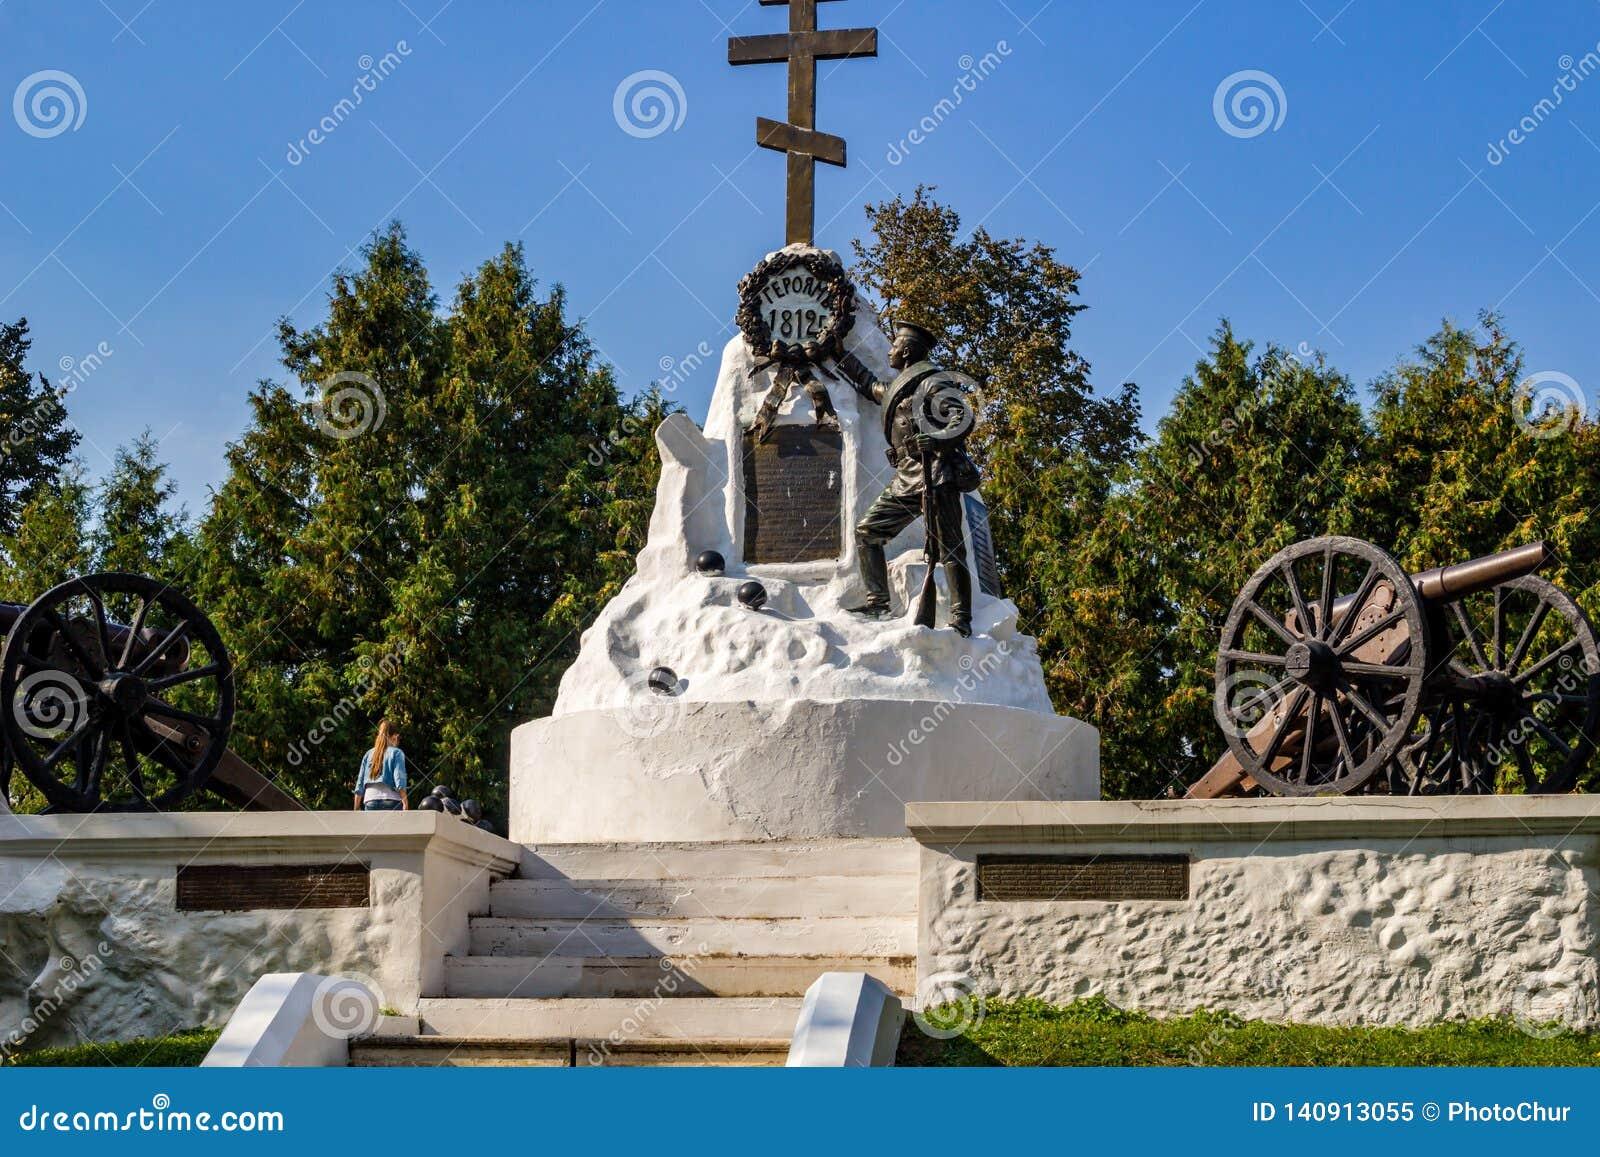 Maloyaroslavets Ryssland - September 2018: Monument till hjältarna av kriget av 1812